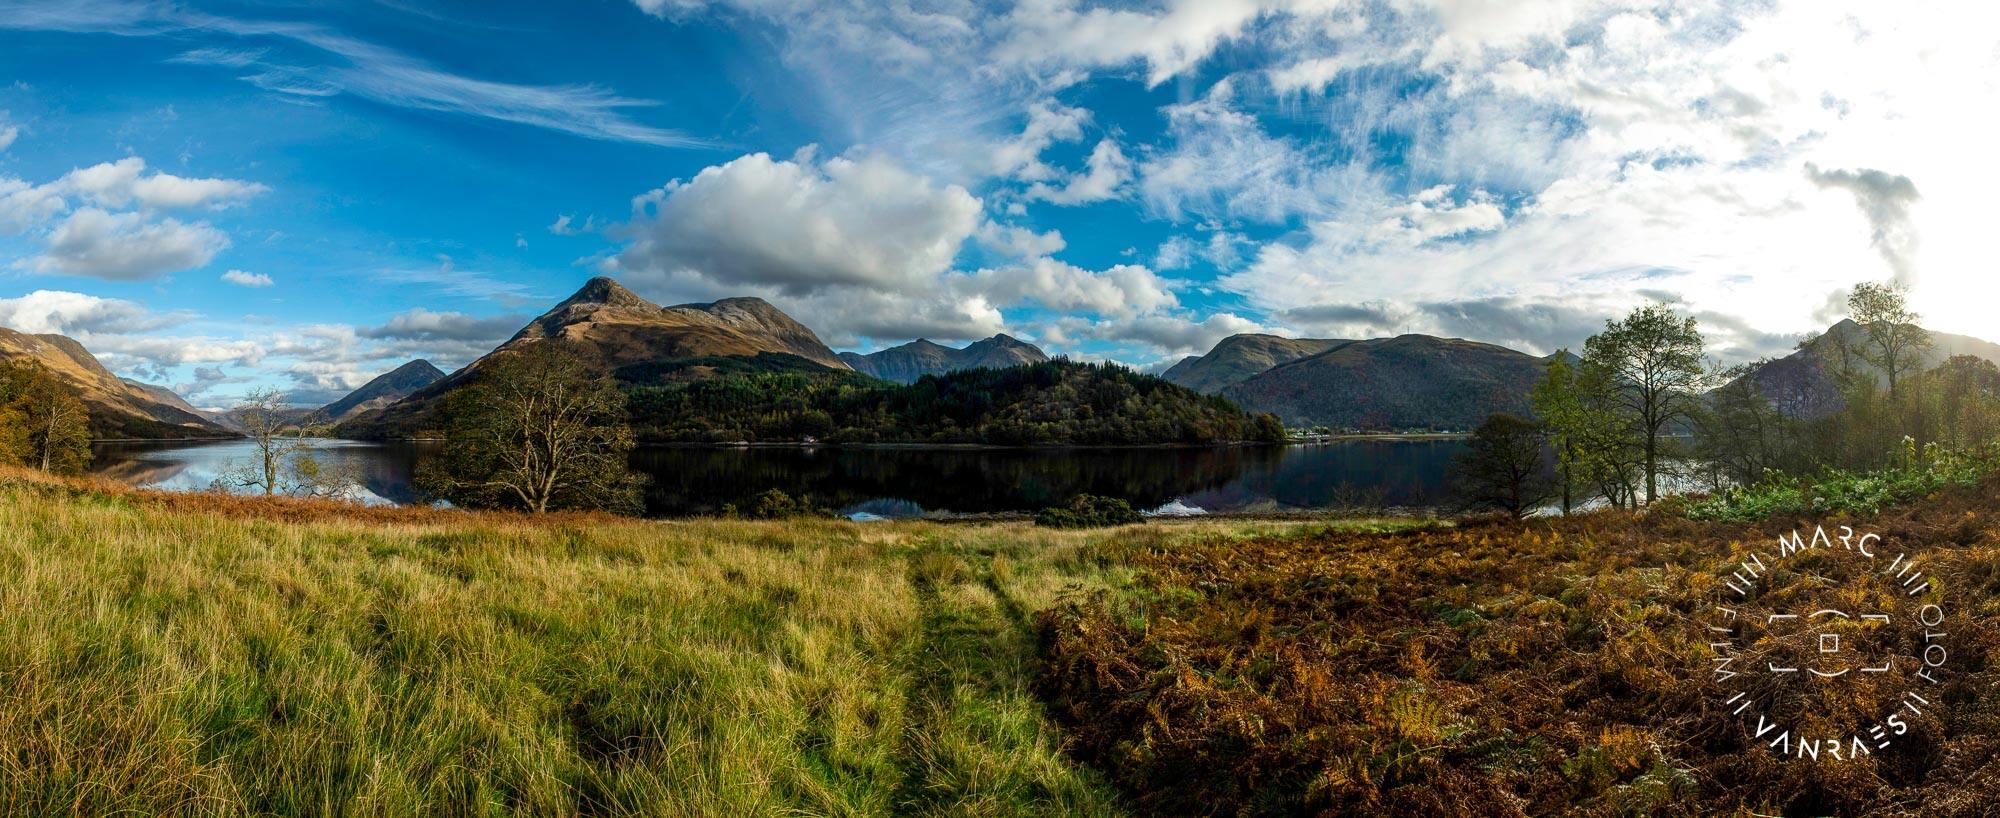 Panorama foto's door Fotografie Marc Vanraes